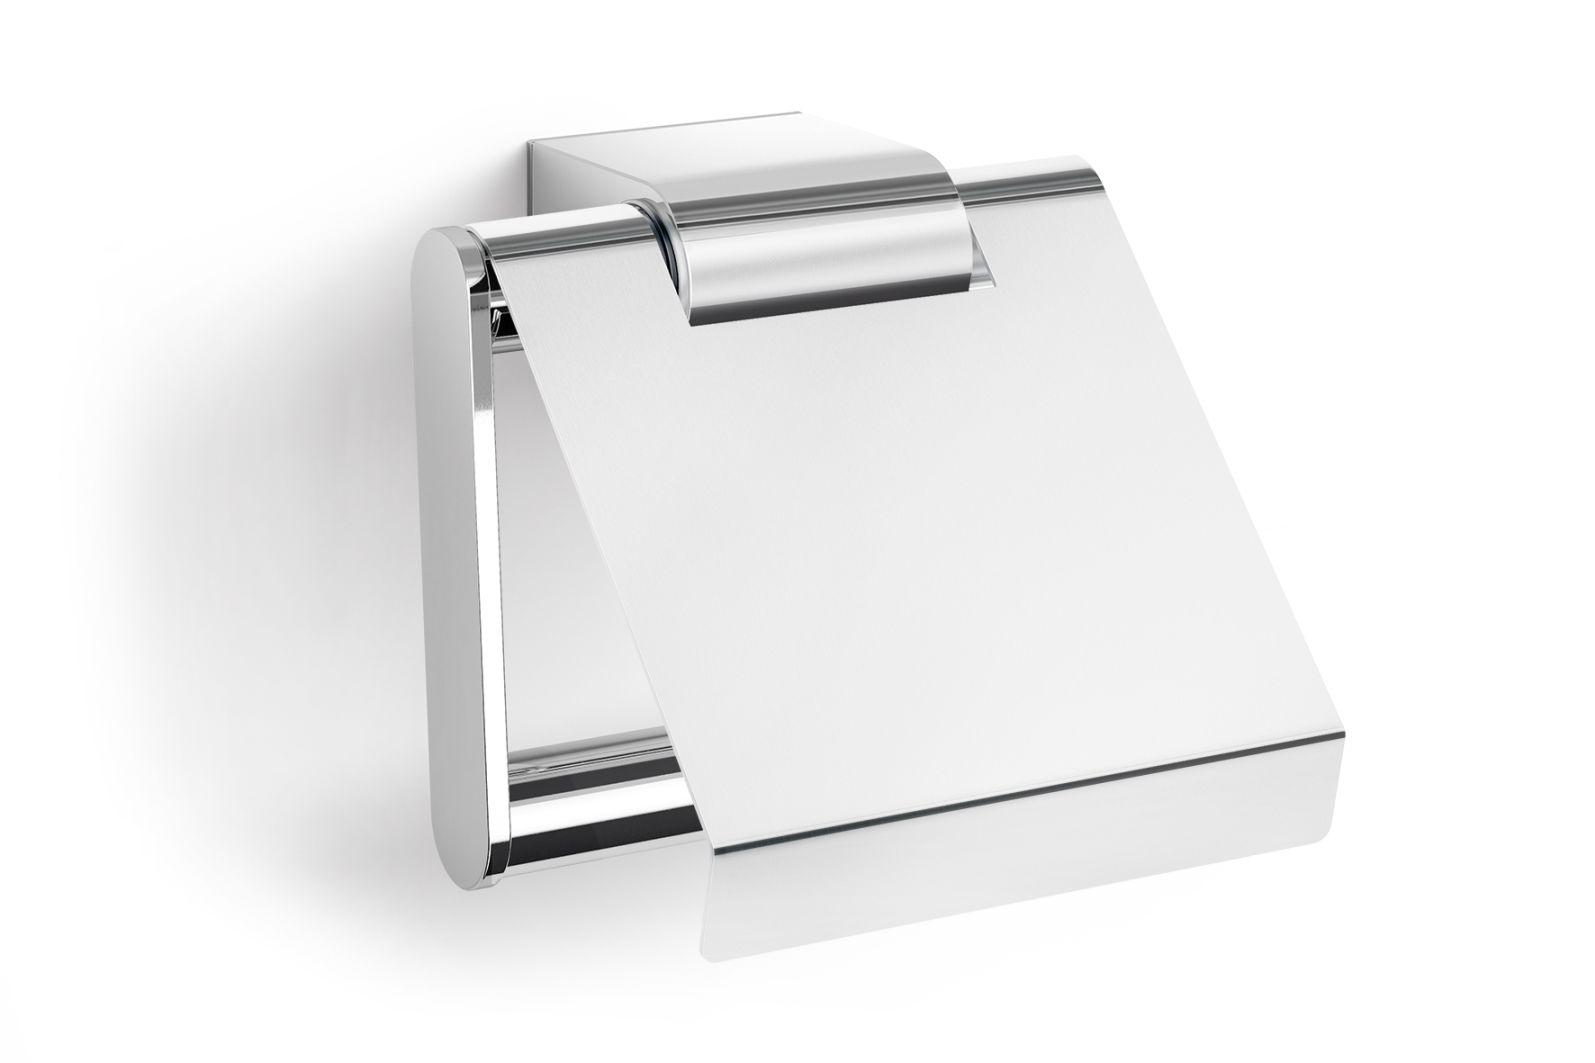 Držák na toaletní papír ATORE s krytkou, lesklý - ZACK